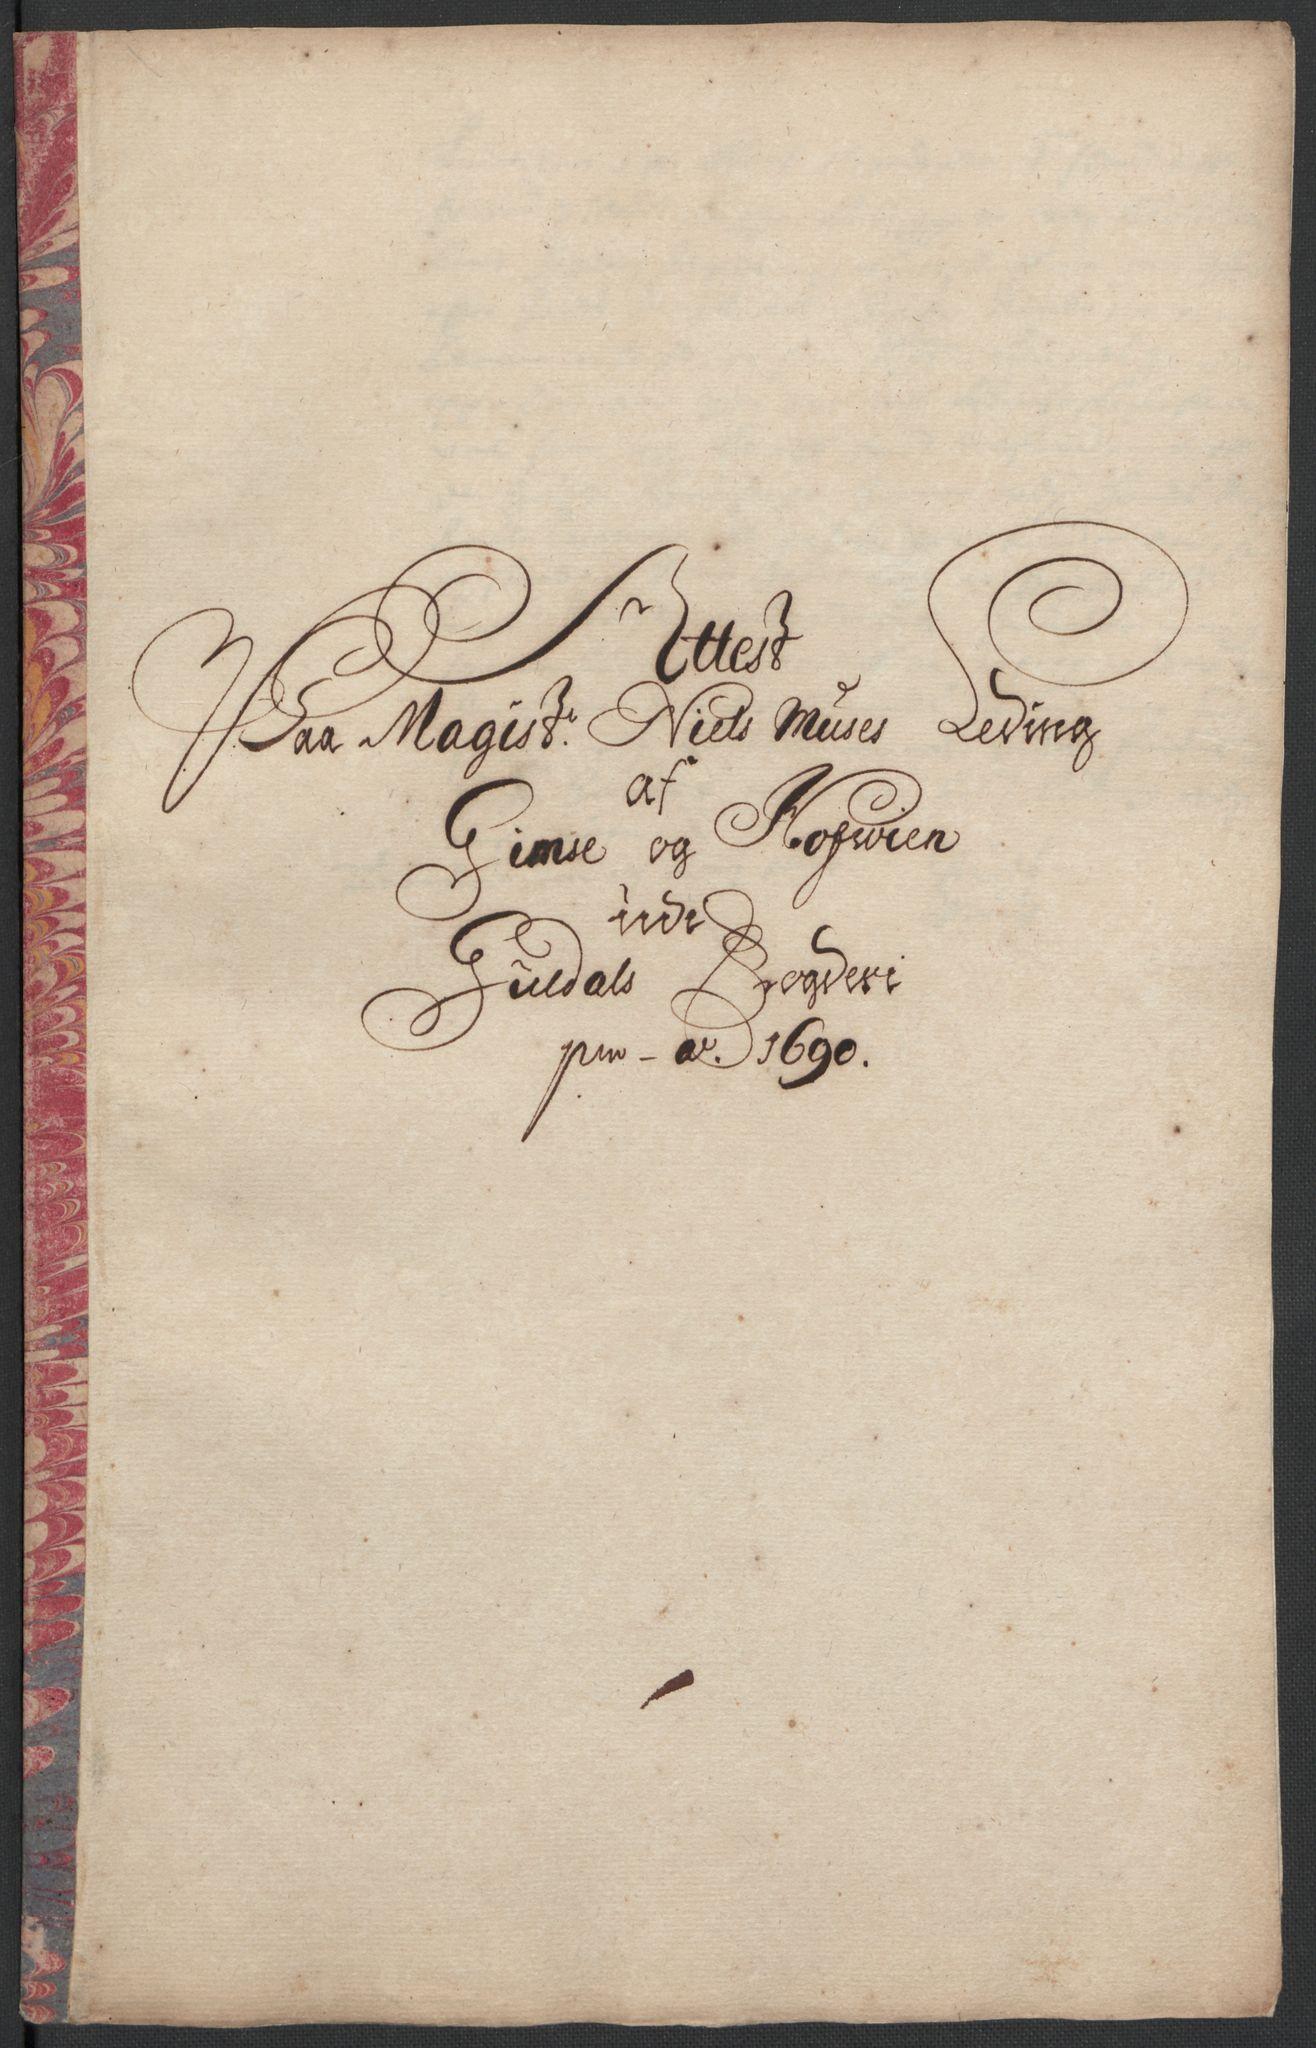 RA, Rentekammeret inntil 1814, Reviderte regnskaper, Fogderegnskap, R59/L3940: Fogderegnskap Gauldal, 1689-1690, s. 397